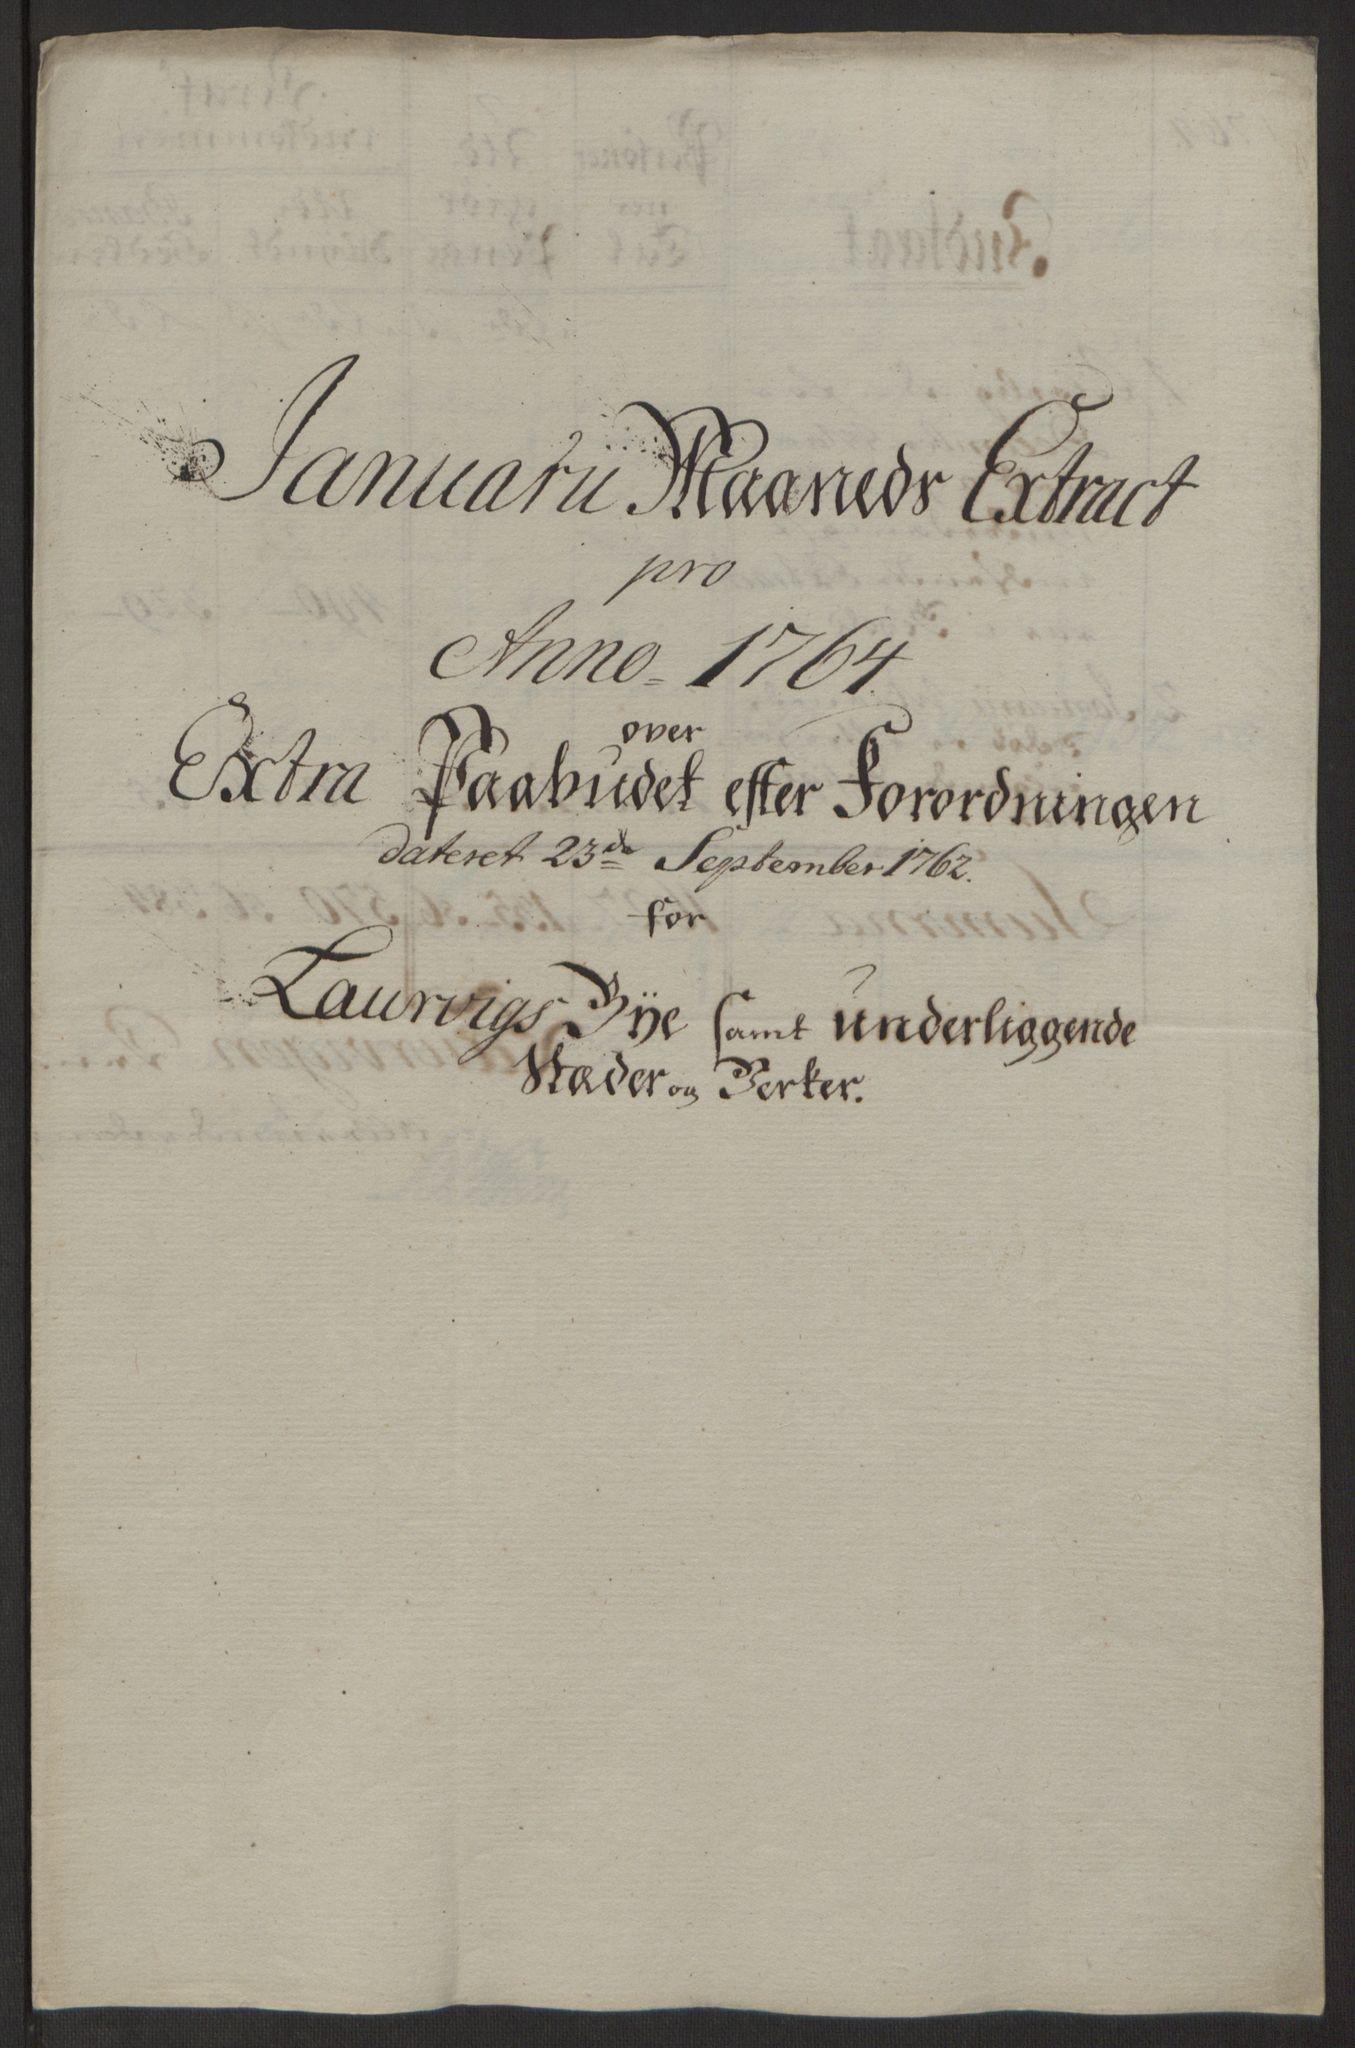 RA, Rentekammeret inntil 1814, Reviderte regnskaper, Byregnskaper, R/Ri/L0183: [I4] Kontribusjonsregnskap, 1762-1768, s. 178